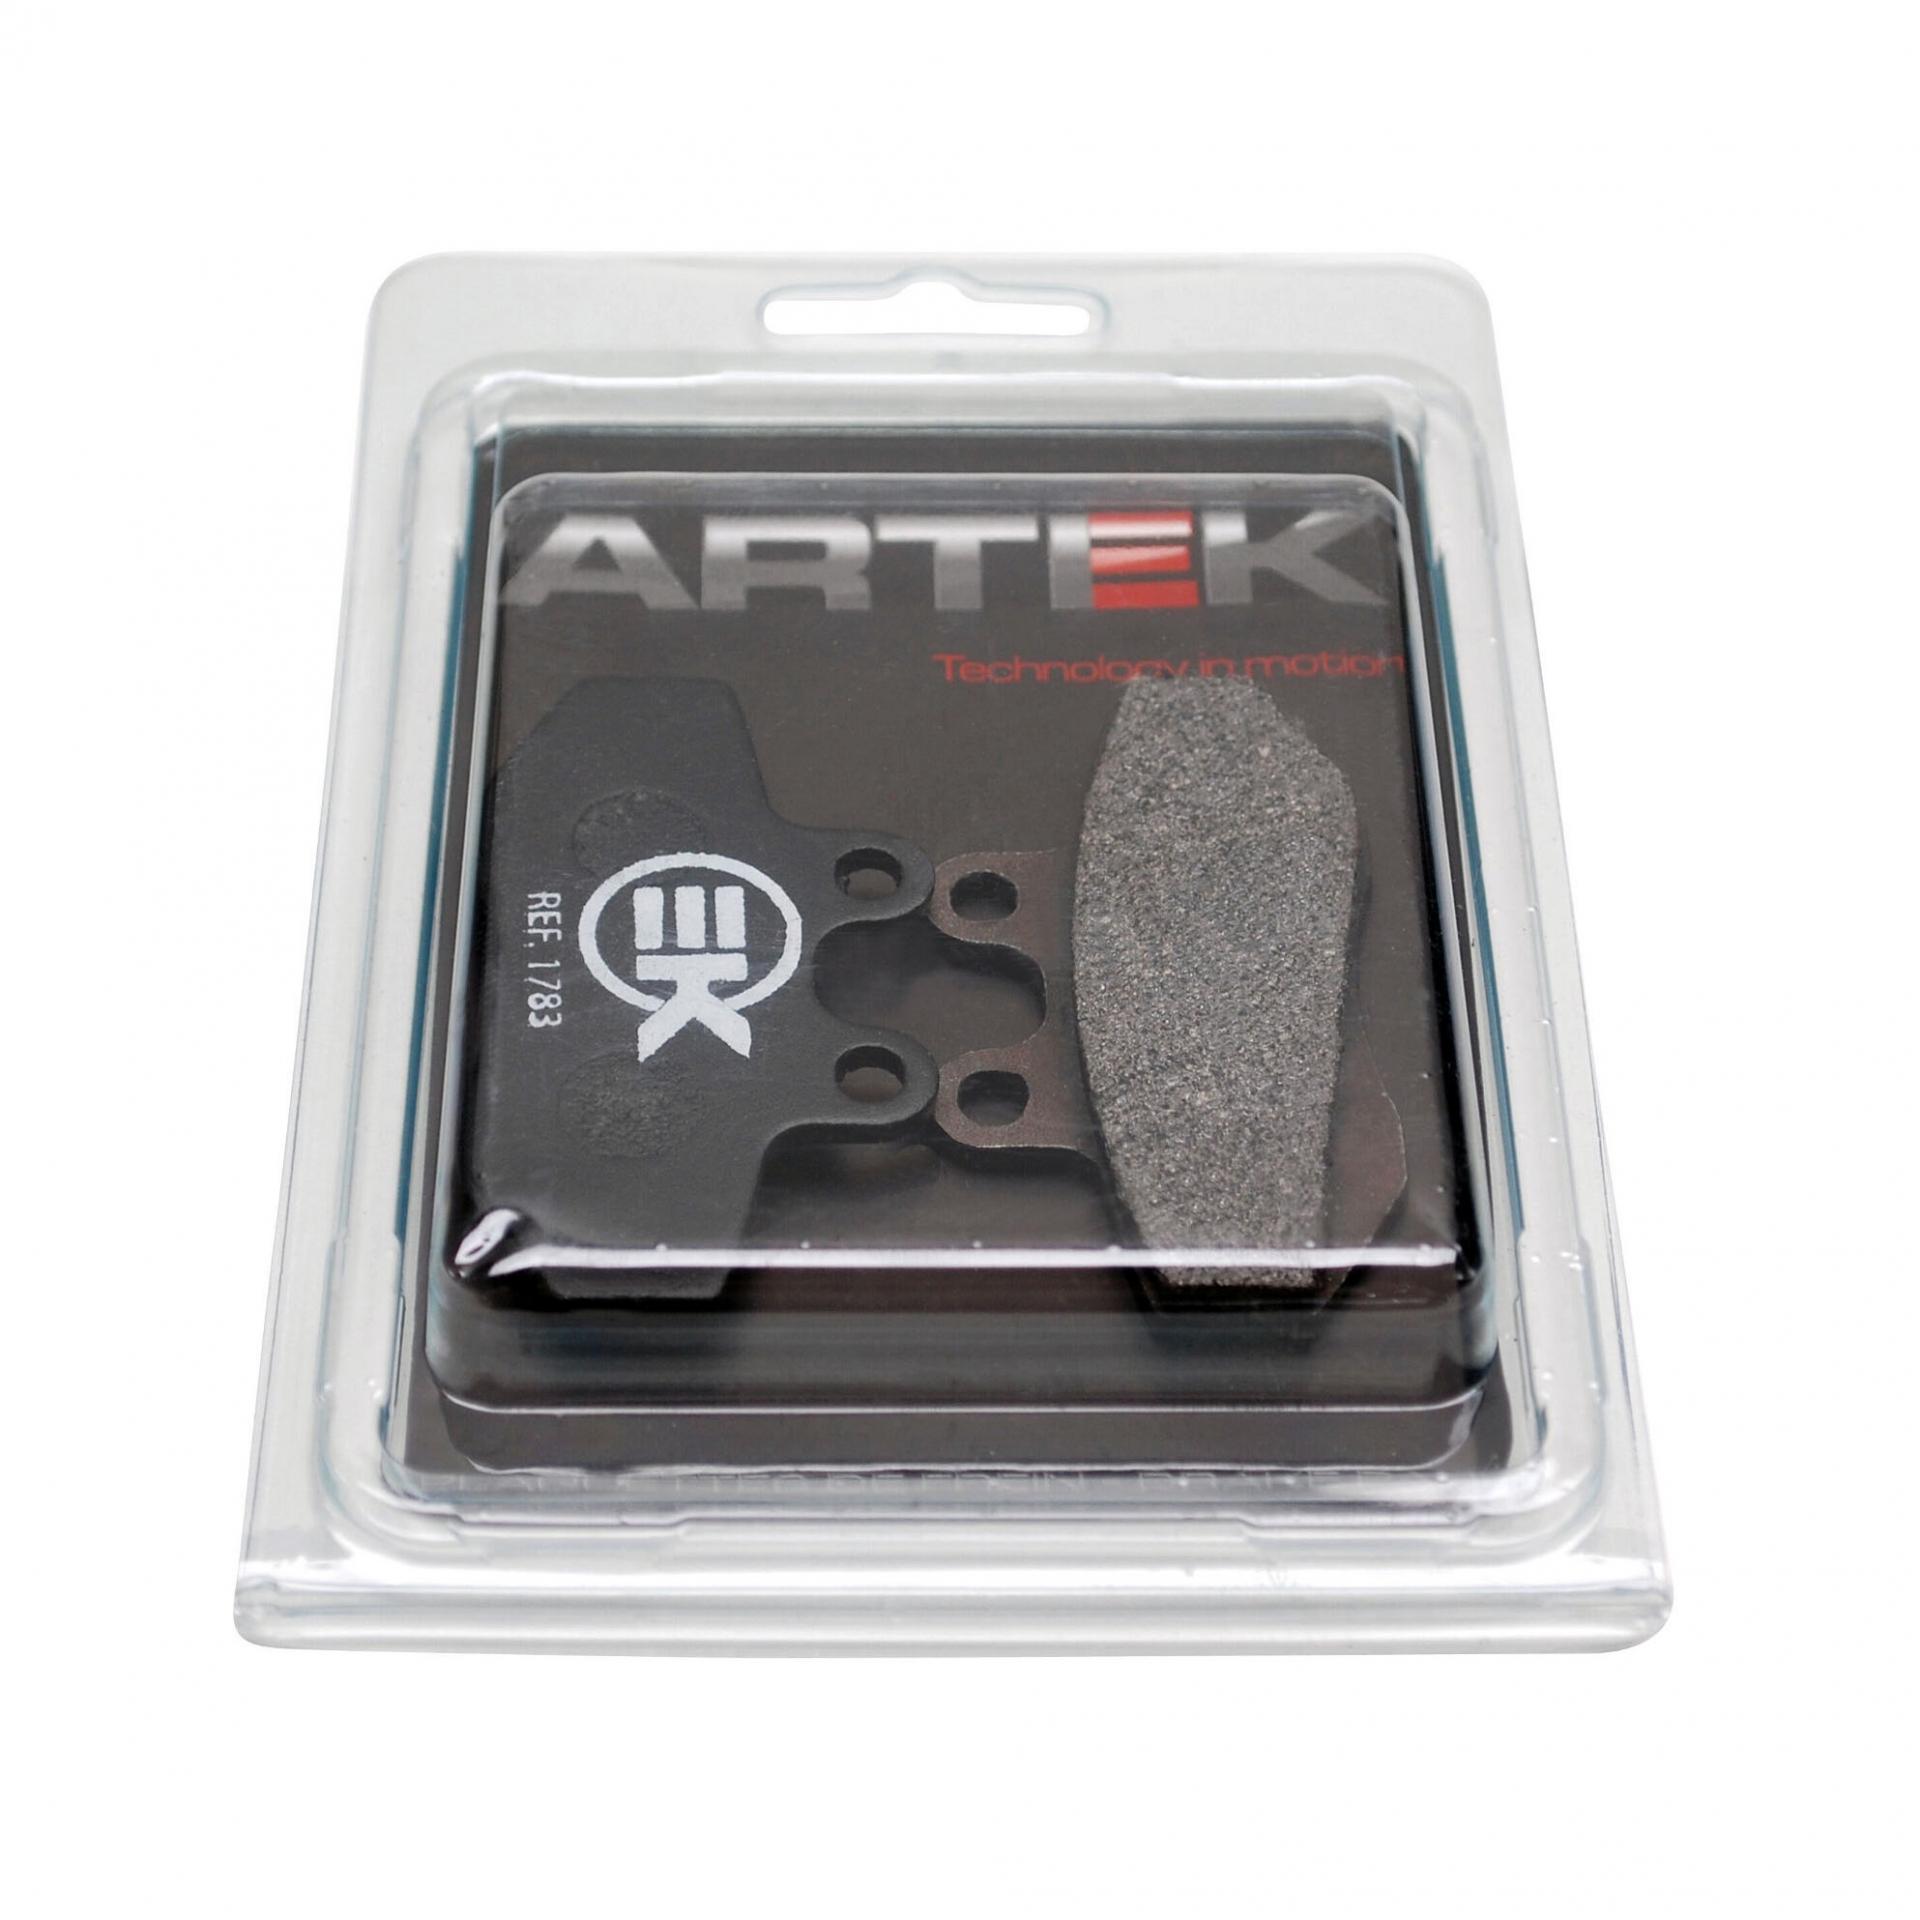 Plaquettes de frein Artek k1 avant pour derbi senda drd 2003>2004/gpr